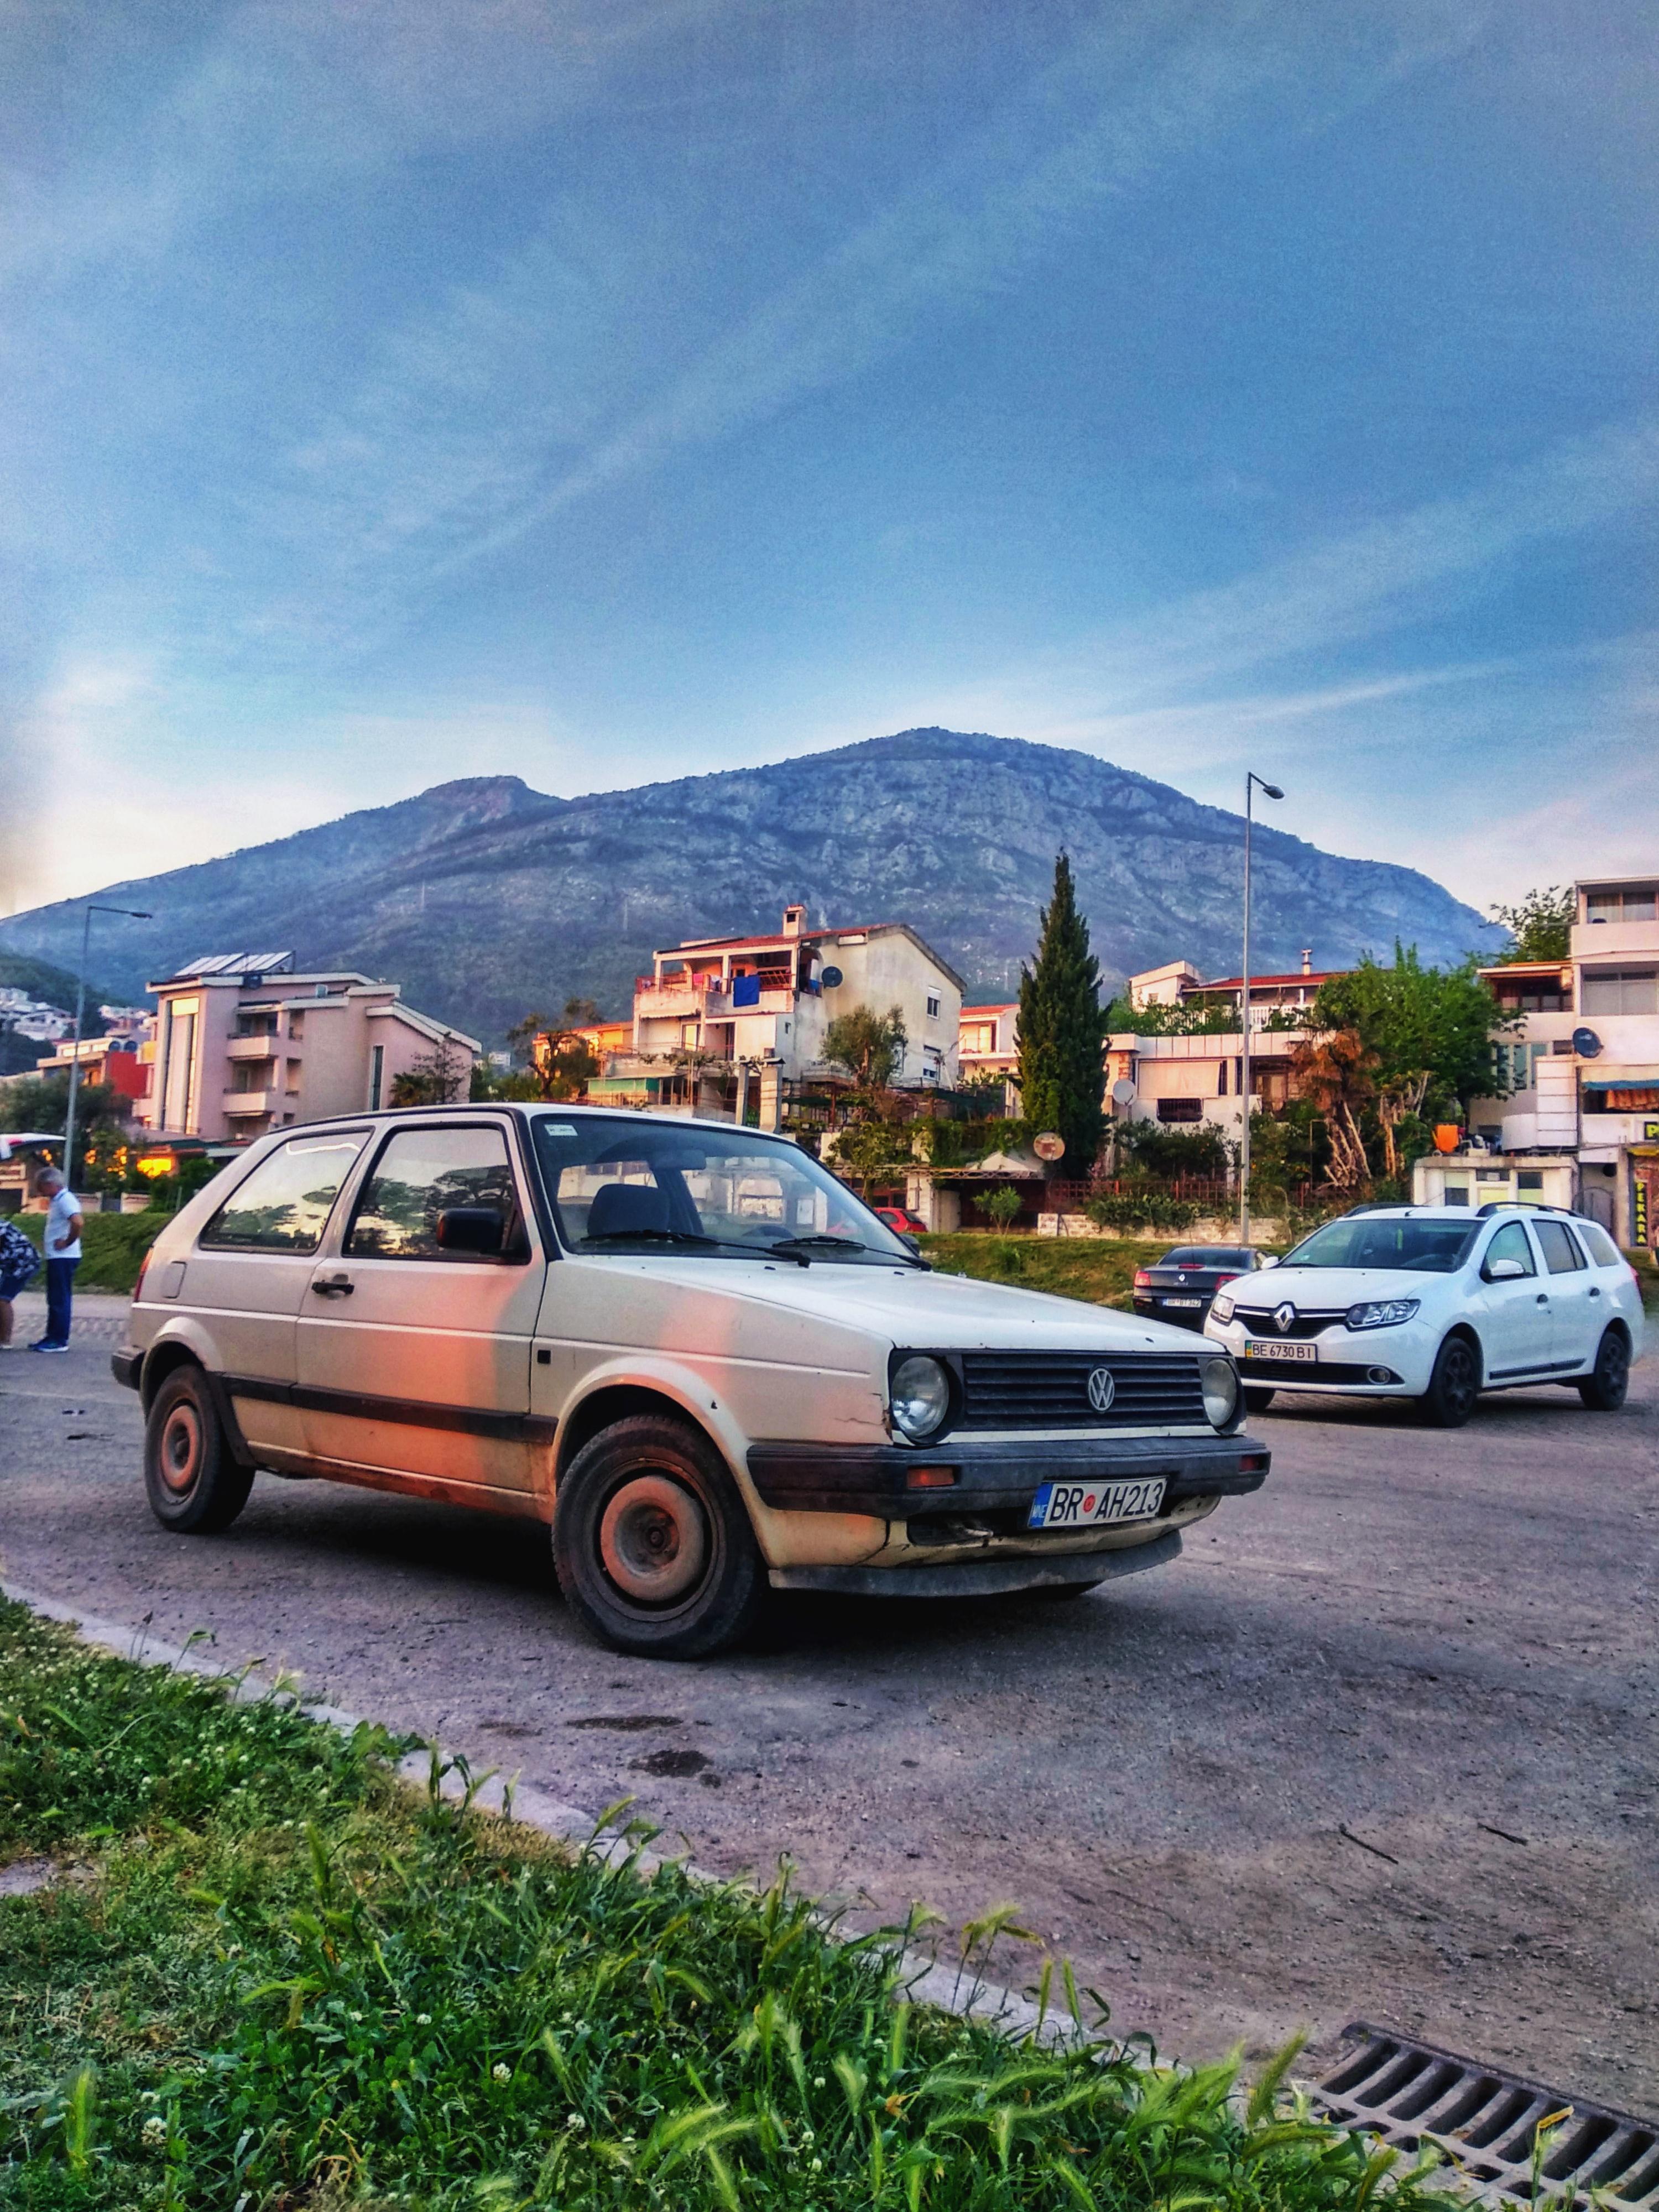 Автомобилестроение прошедшей эпохи: Югославия